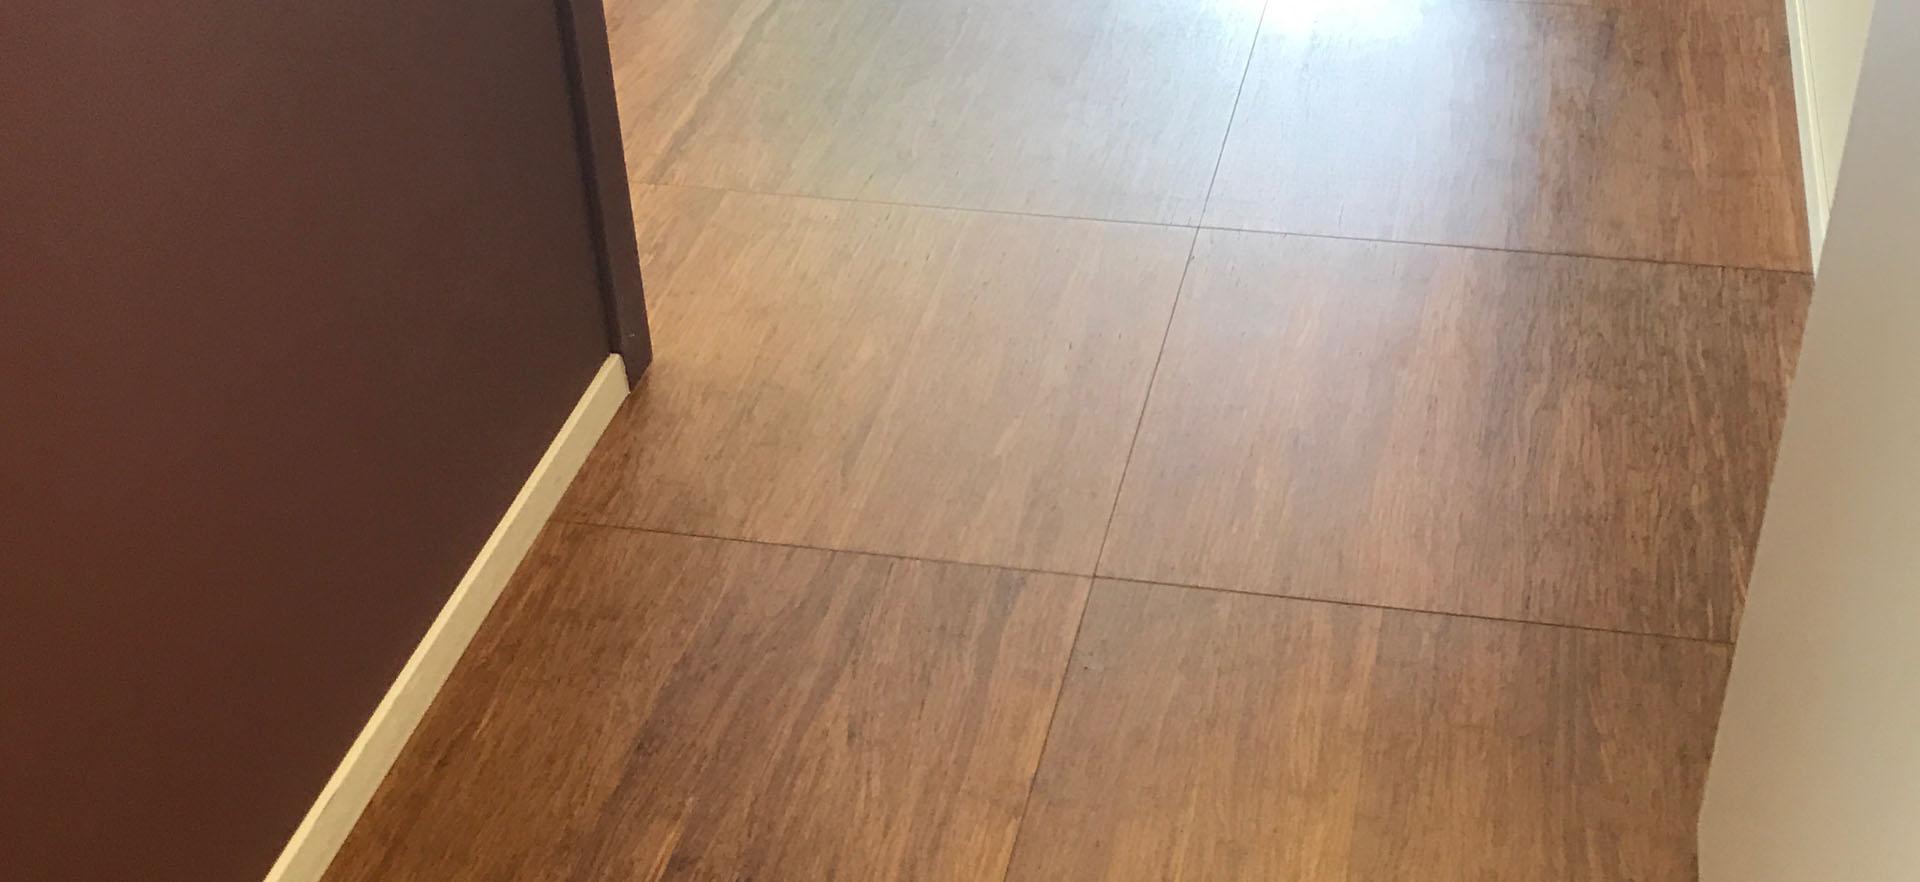 Reinigen en onderhoud van alle type vloeren